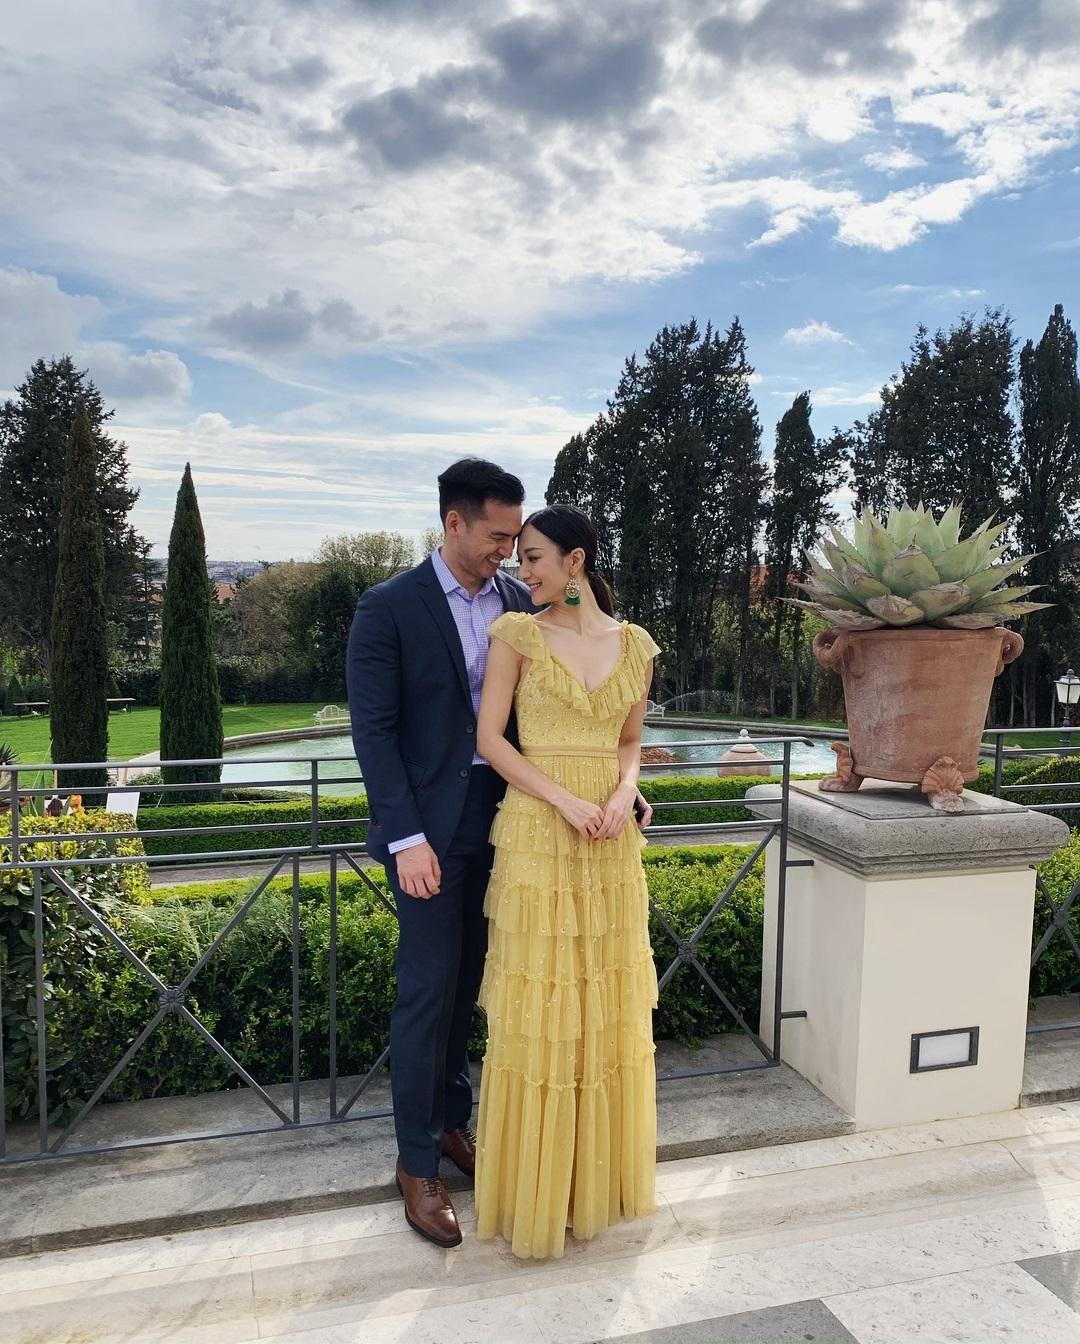 王君馨的老公Daniel亦有隨行。 王君馨IG圖片